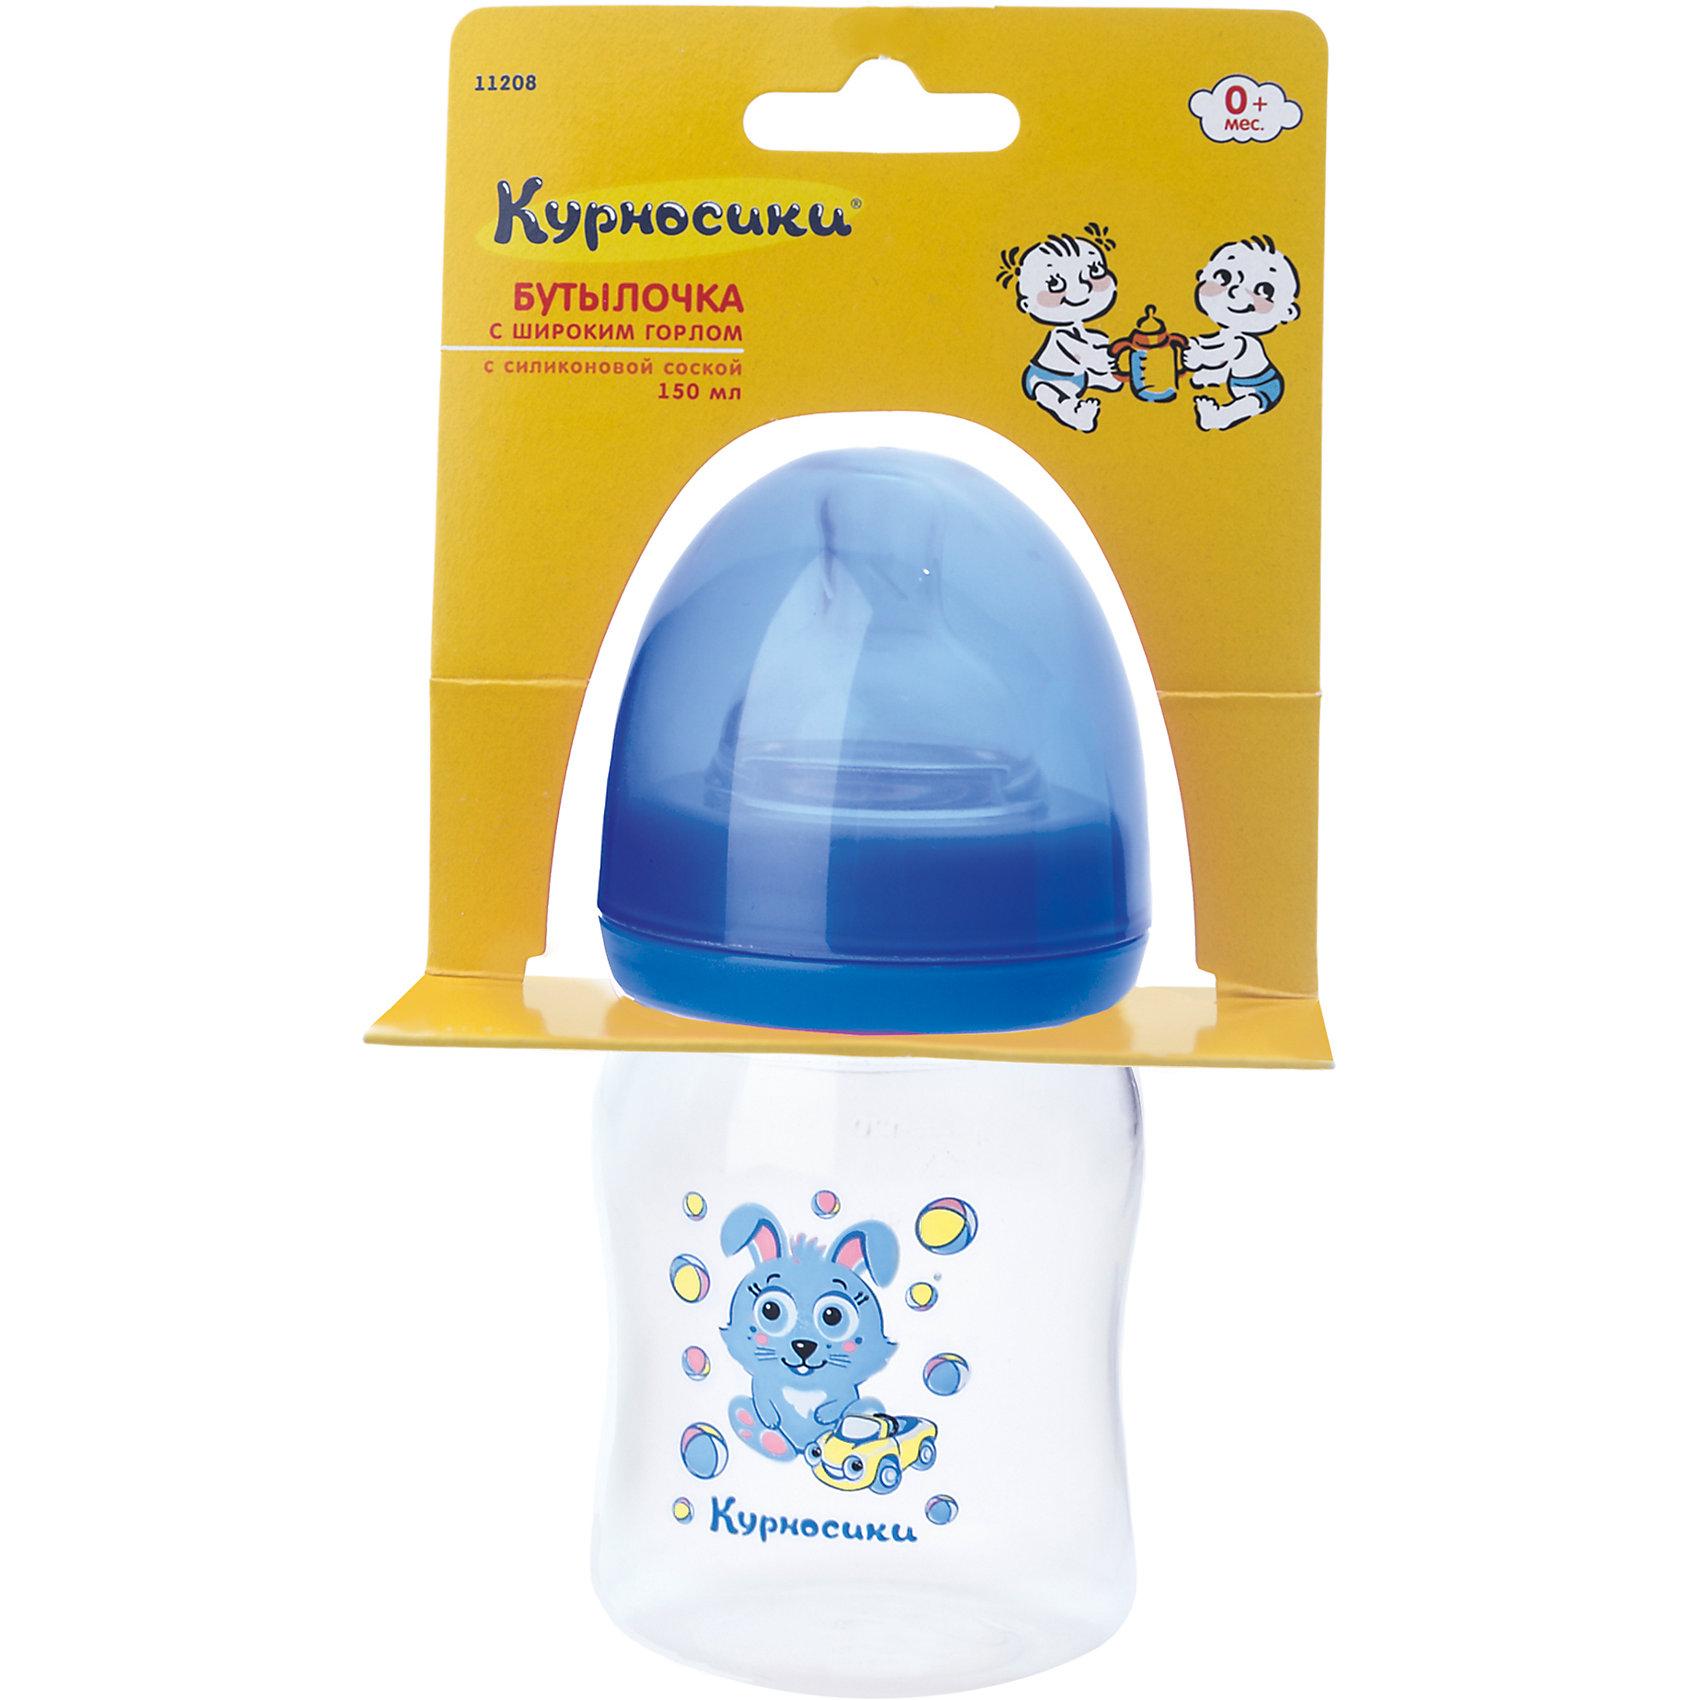 Курносики Бутылочка с силиконовой соской Мои первые друзья, 150 мл, Kurnosiki, голубой